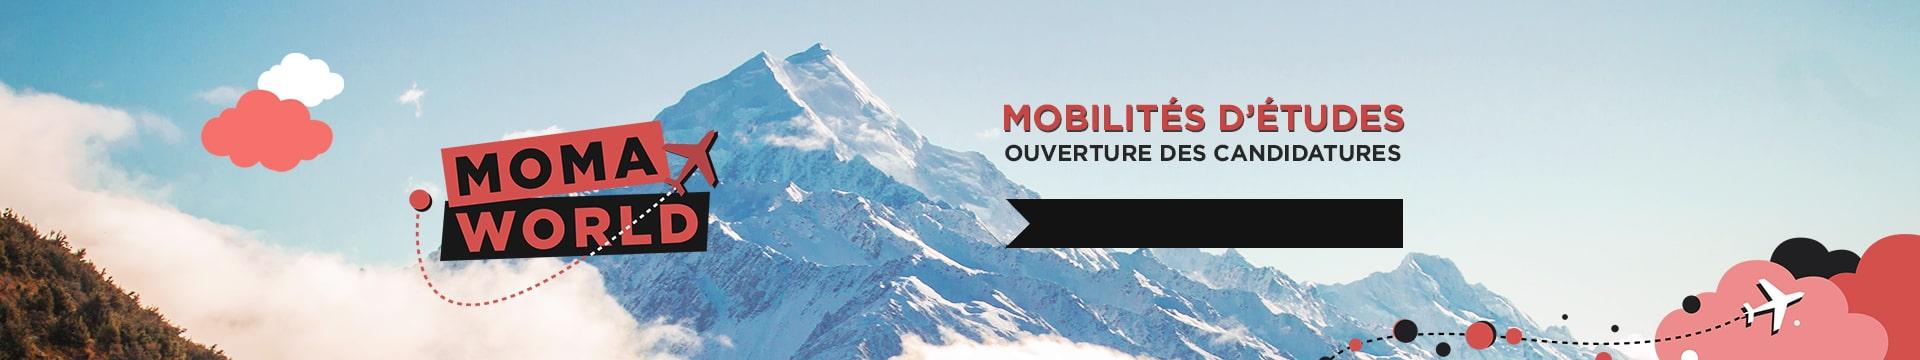 Mobilité internationale - Ouverture Candidatures - Montpellier Management